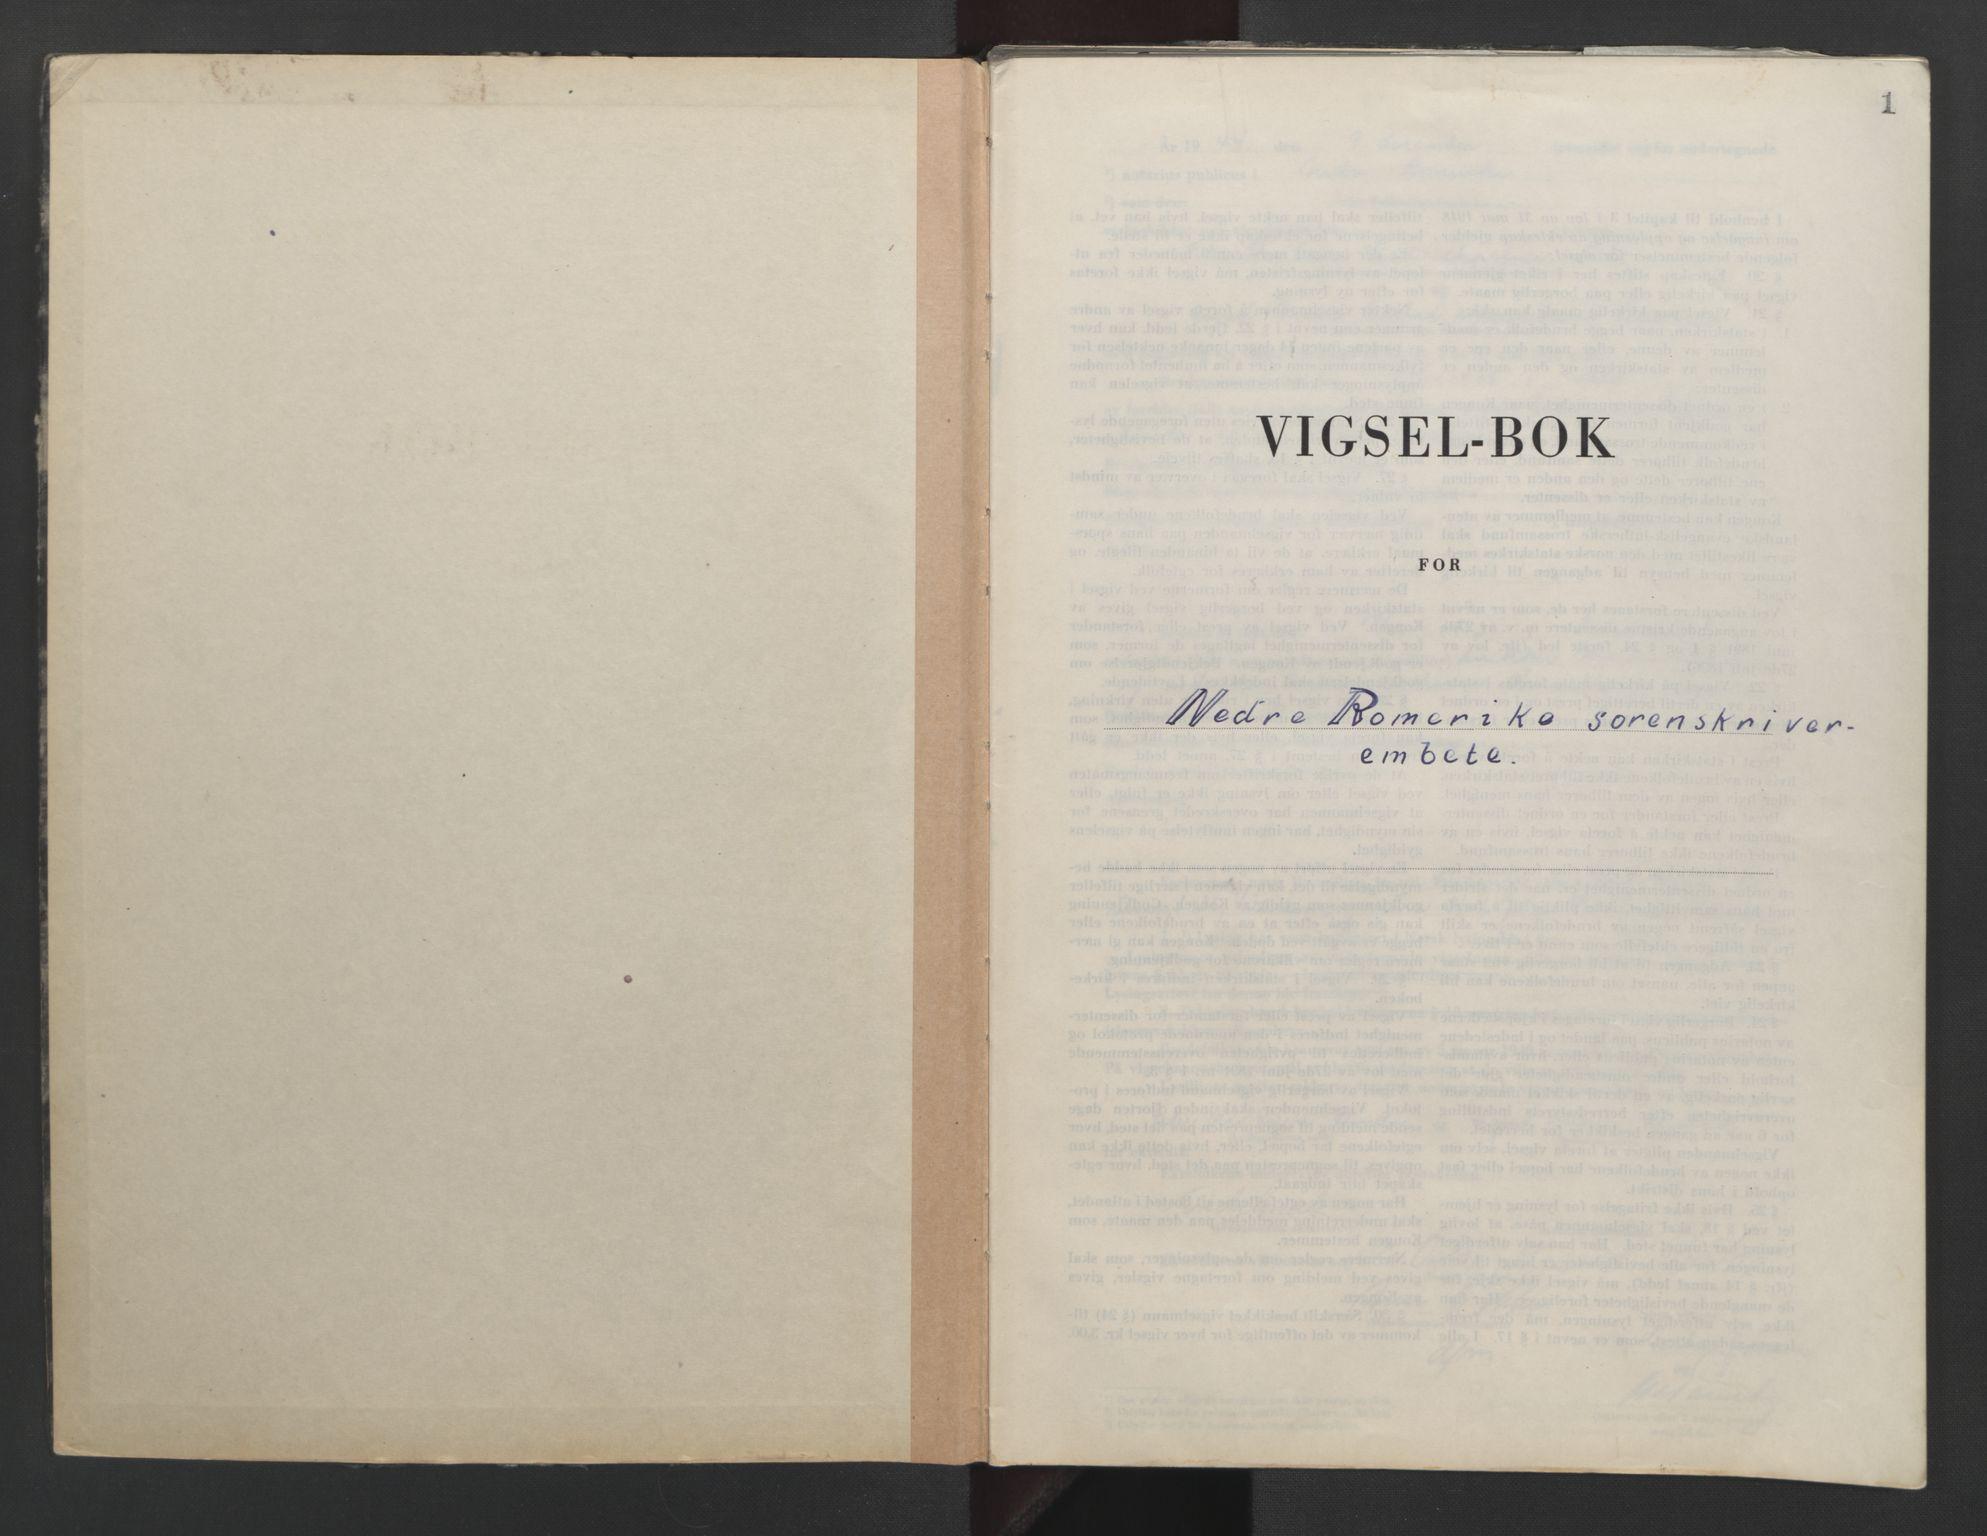 SAO, Nedre Romerike sorenskriveri, L/Lb/L0006: Vigselsbok - borgerlige vielser, 1944-1946, s. 1